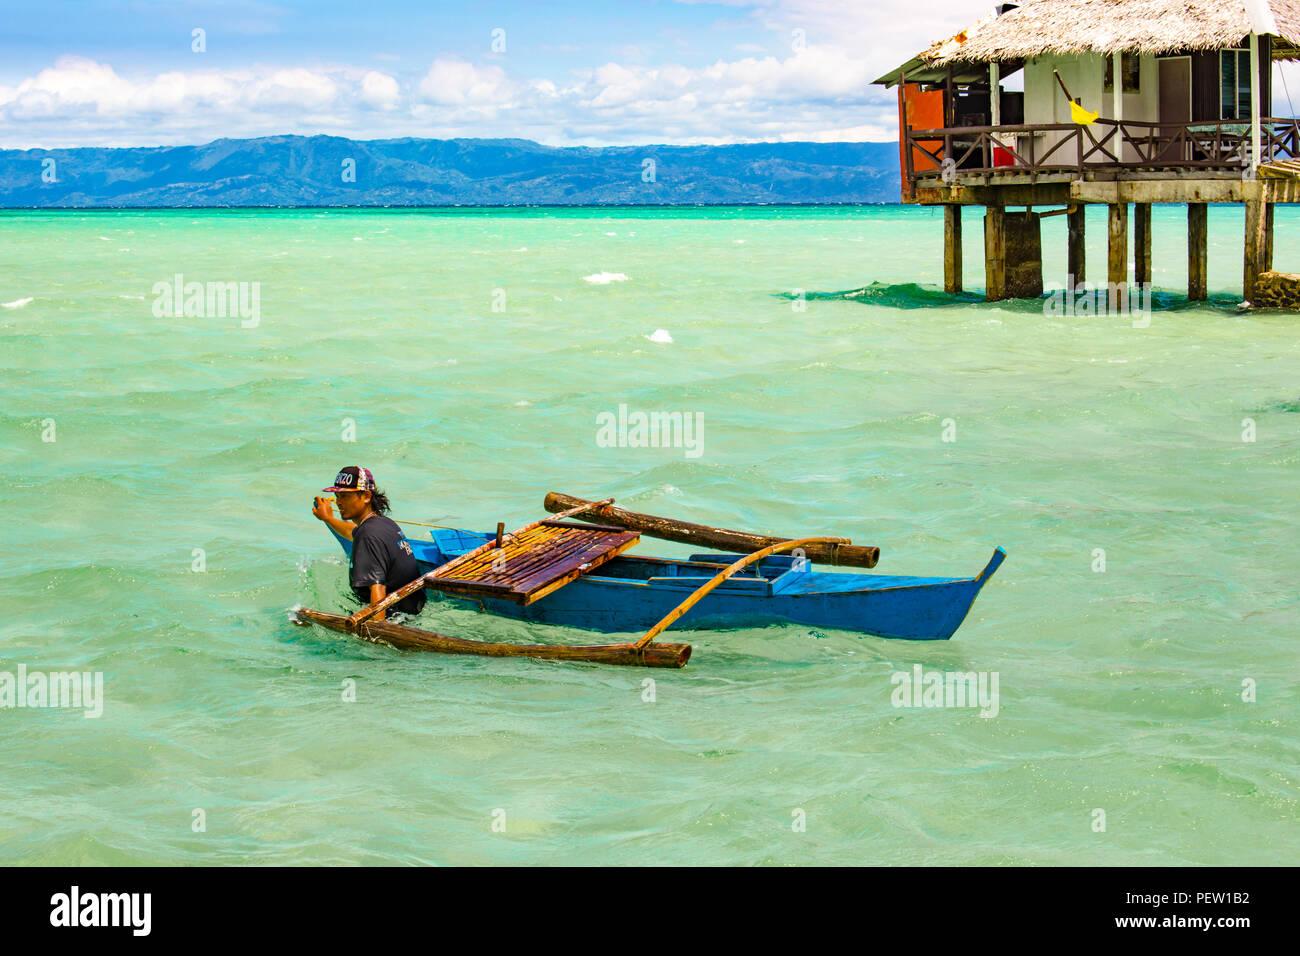 Philippines, Negros Island - Feb 05, 2018: Manjuyod White Sandbar - Stock Image